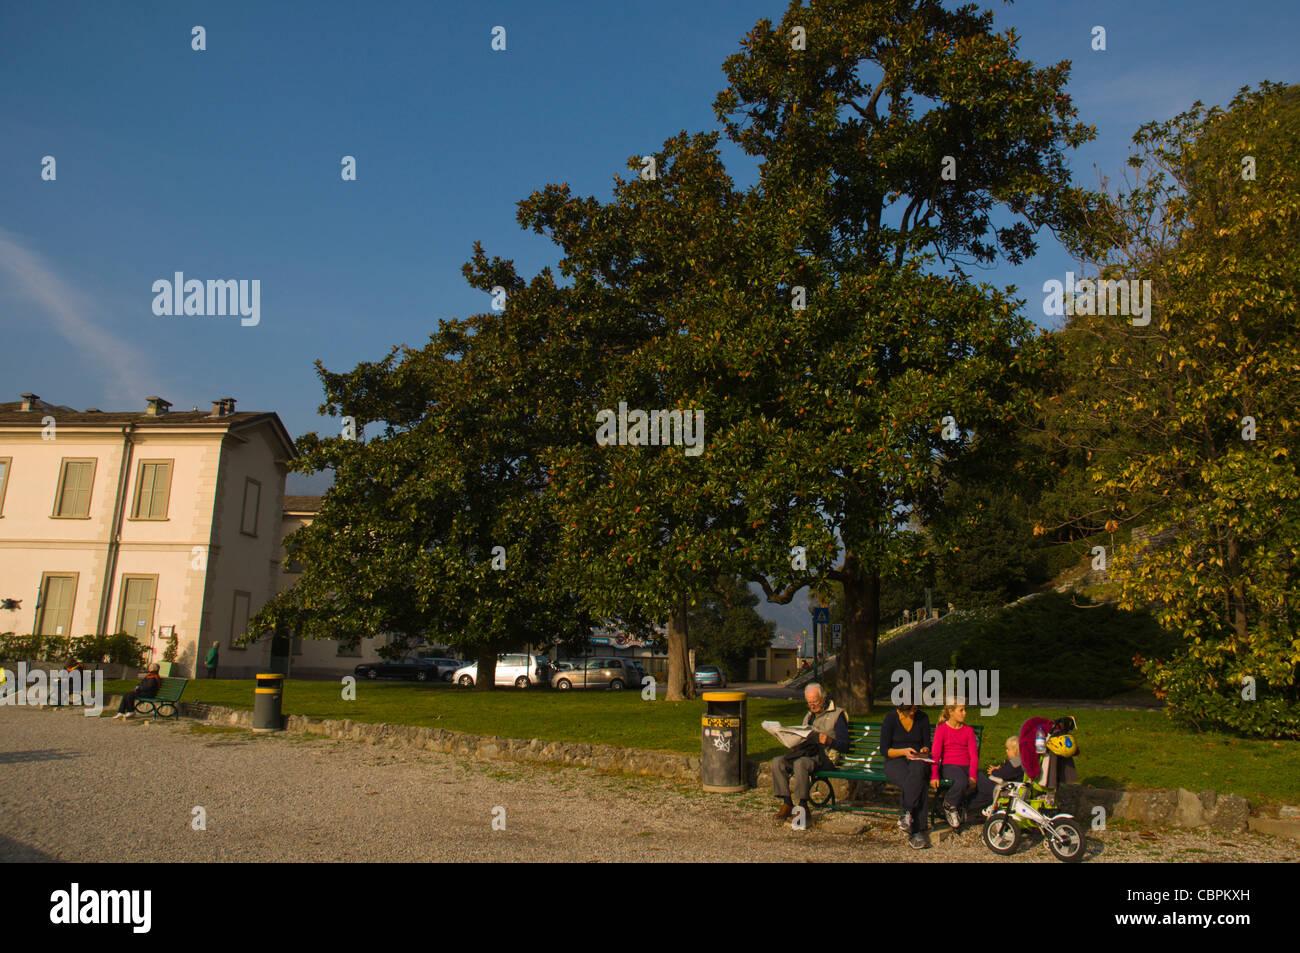 Lido Villa Geno.Park In Front Of Lido Di Villa Geno Near Como Town Lombardy